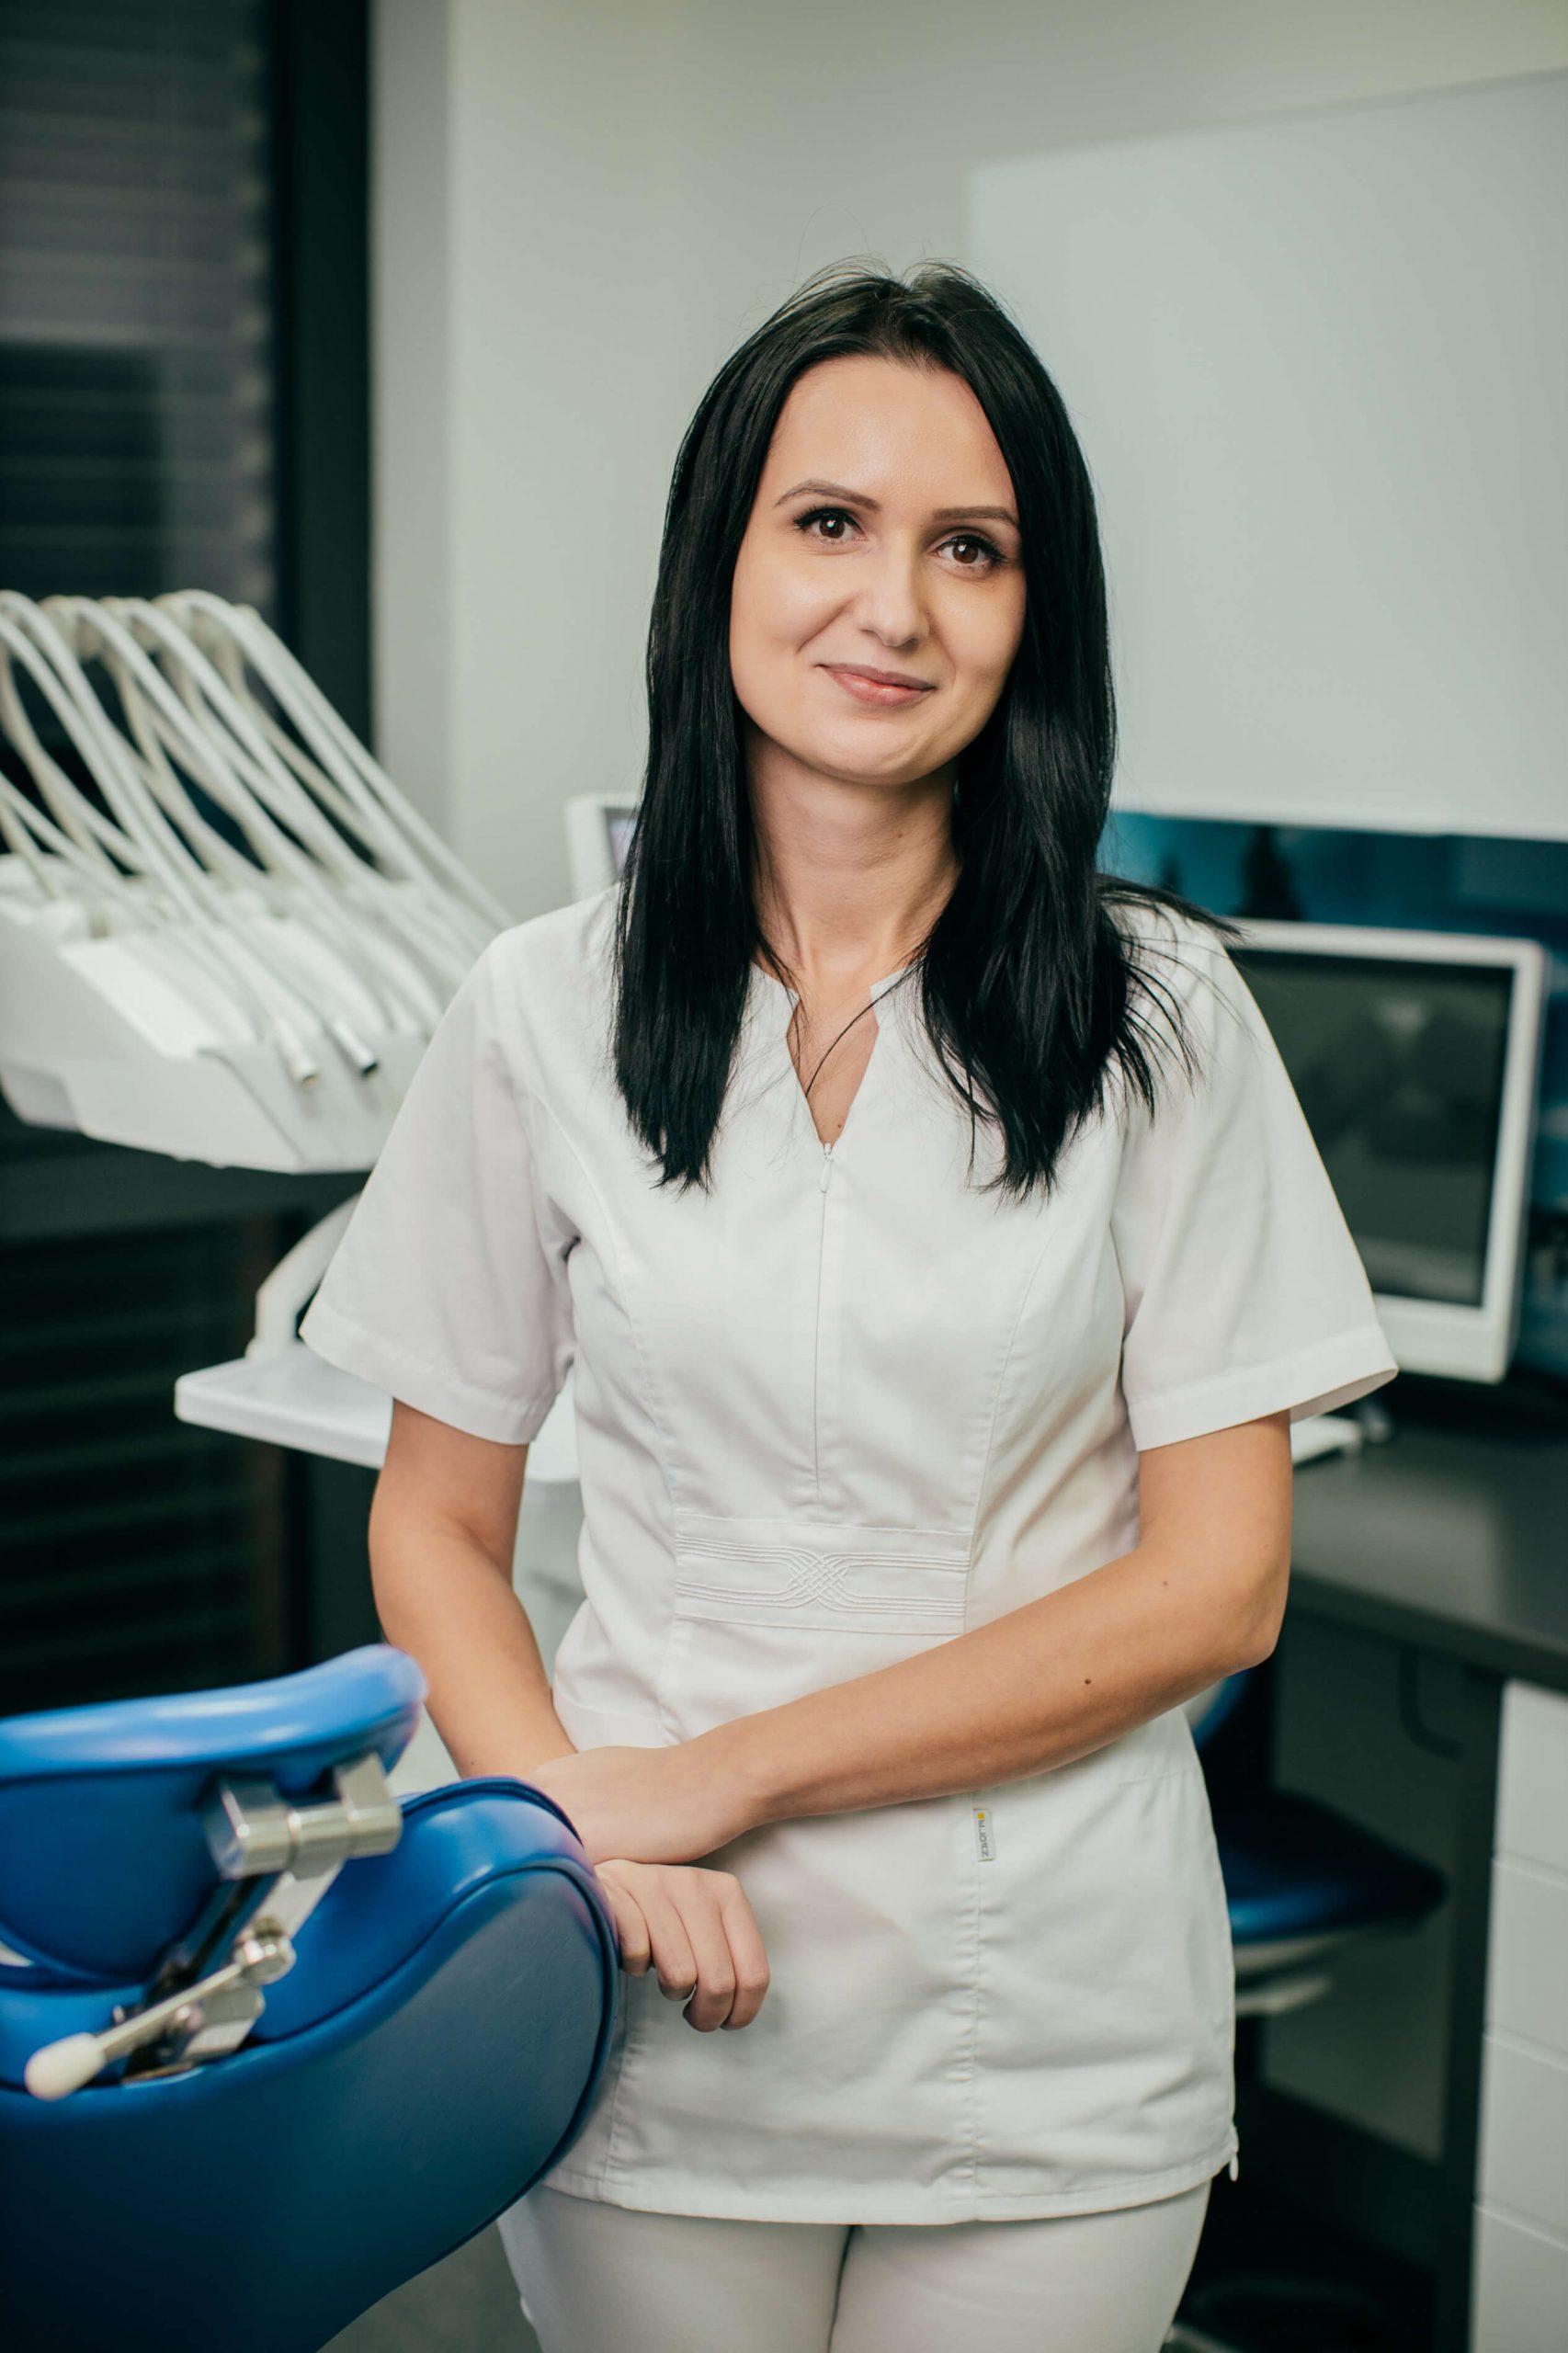 Mgr. Silvia Plencnerová